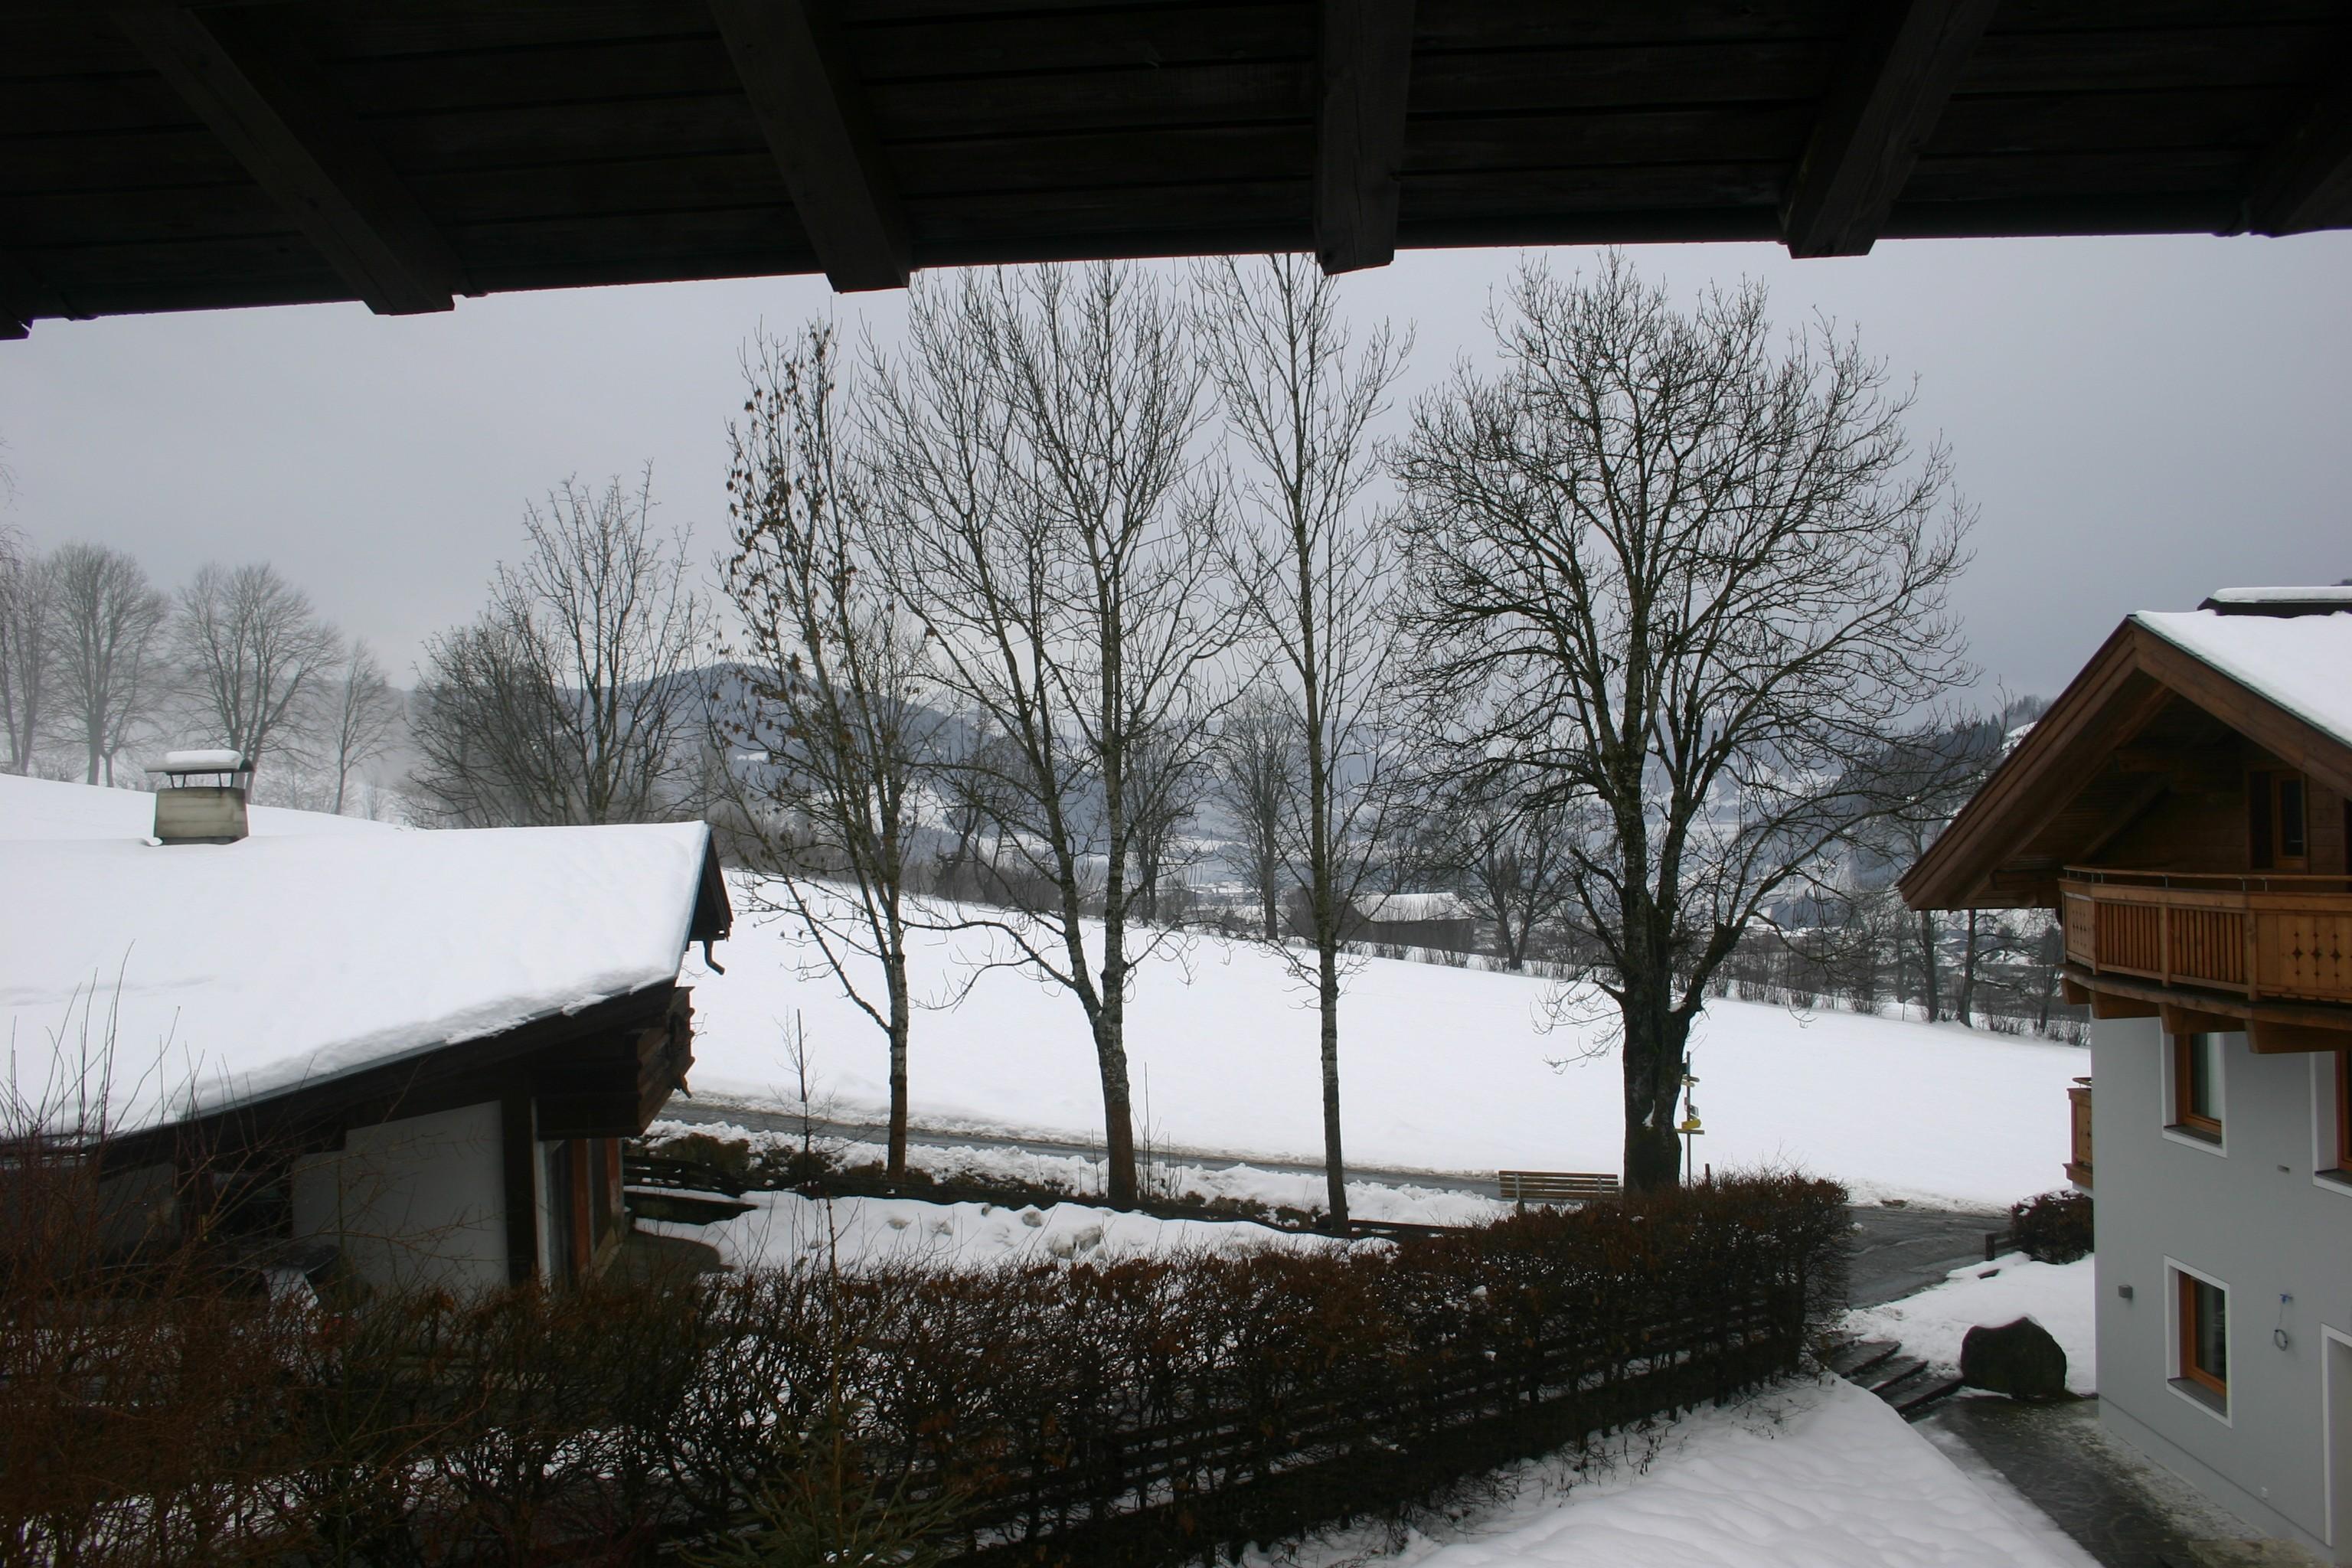 Kitzbüheler Alpen 217 - Dag 3